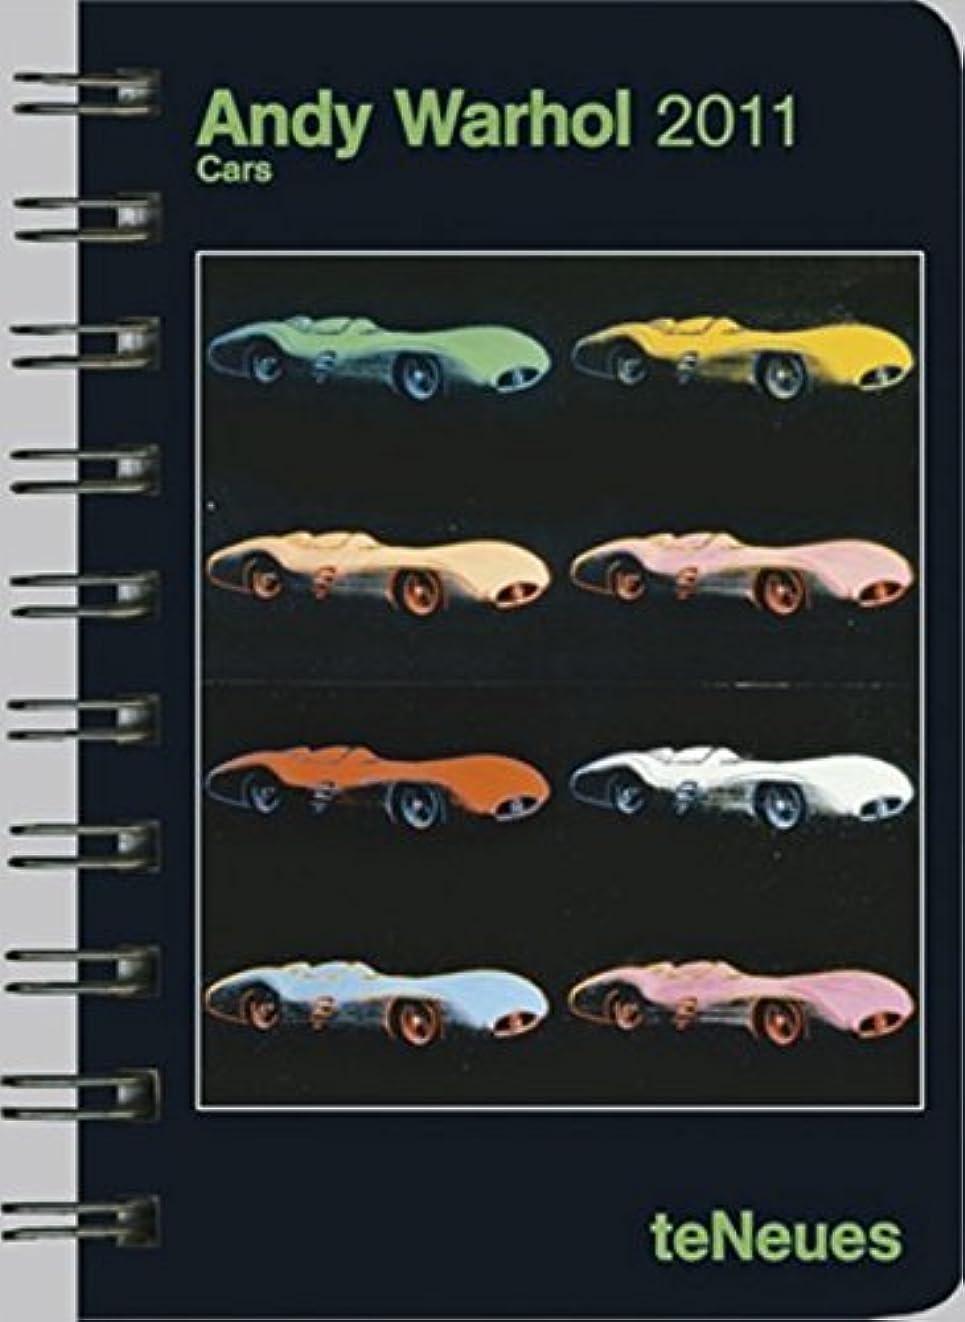 日焼け瞳五2011 Andy Warhol Cars Pocket Engagement Calendar